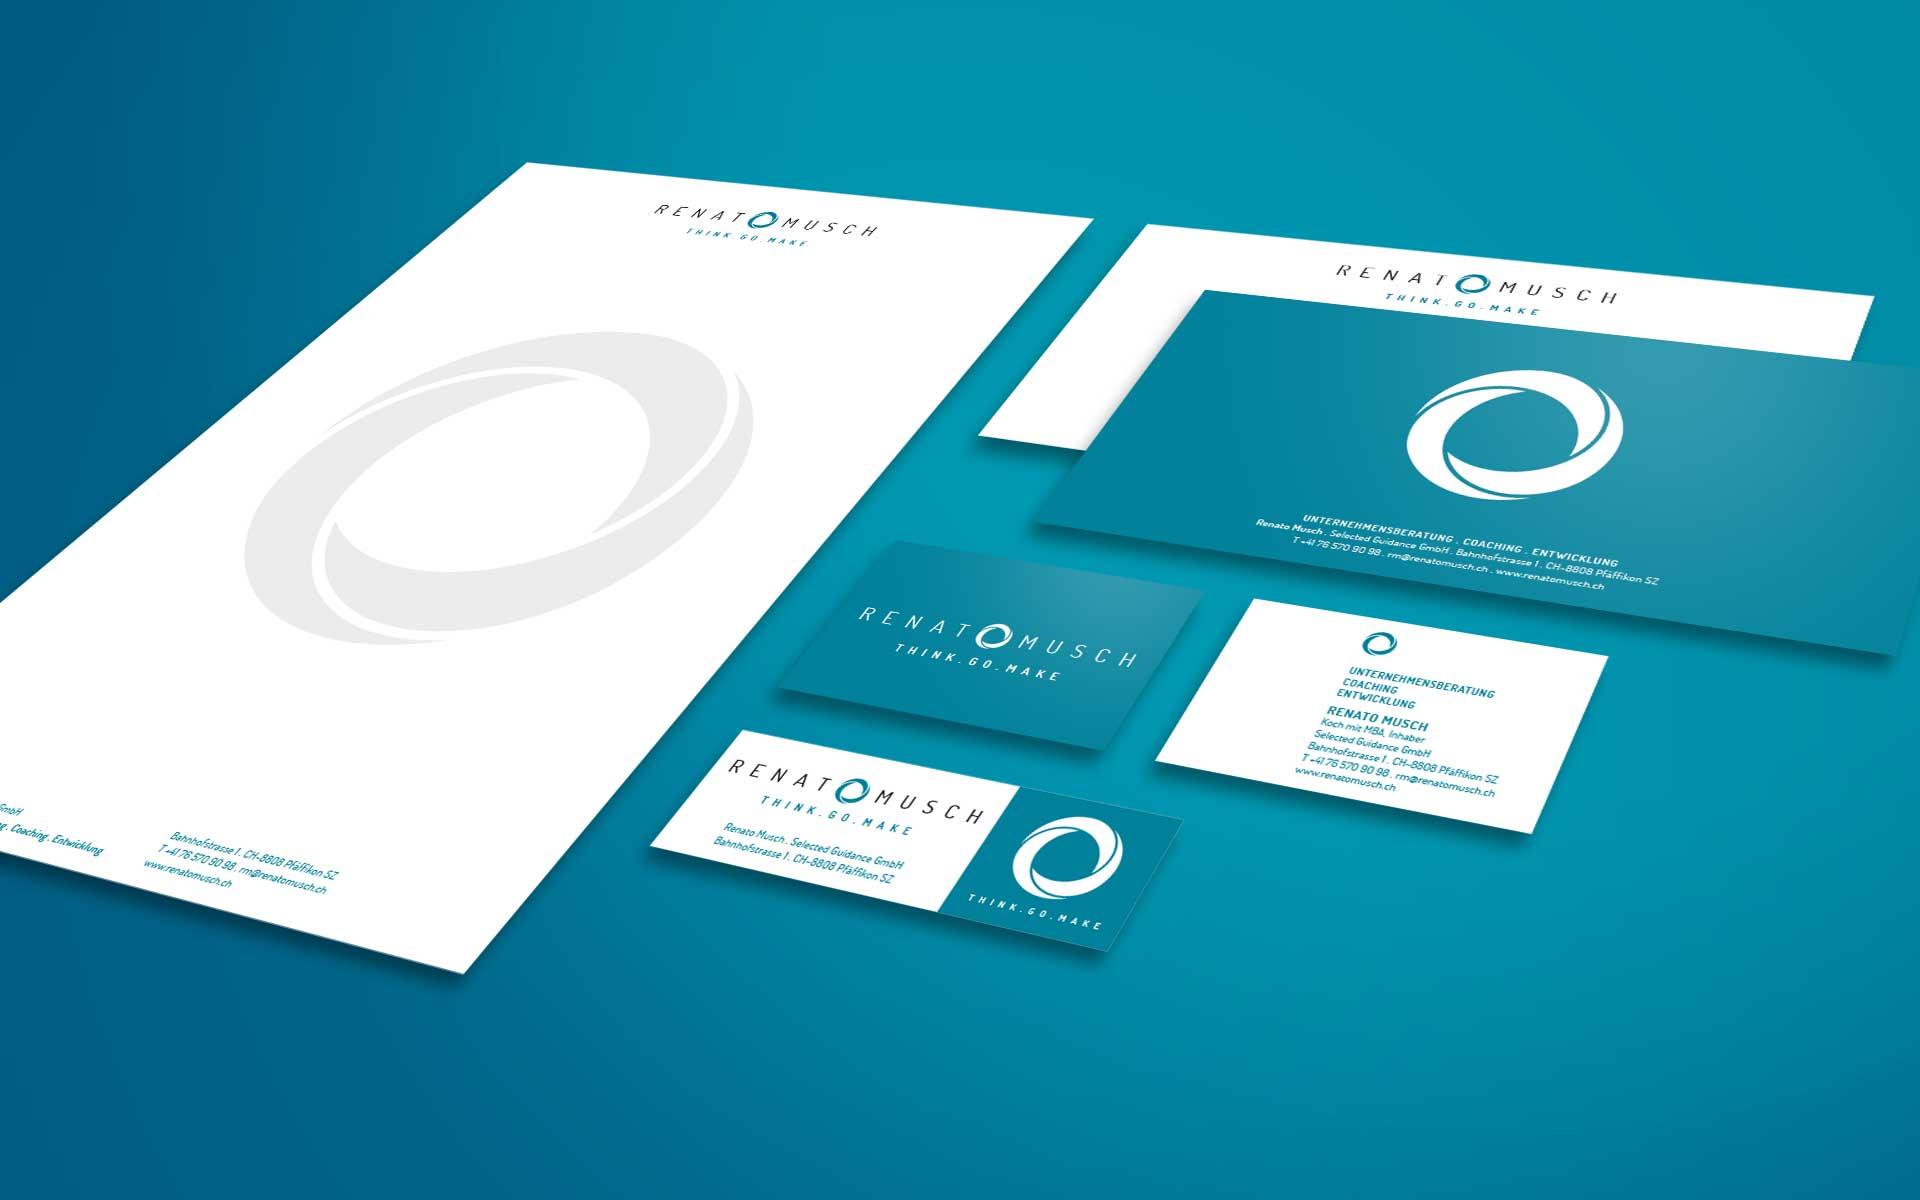 Renato Musch Coporate Design